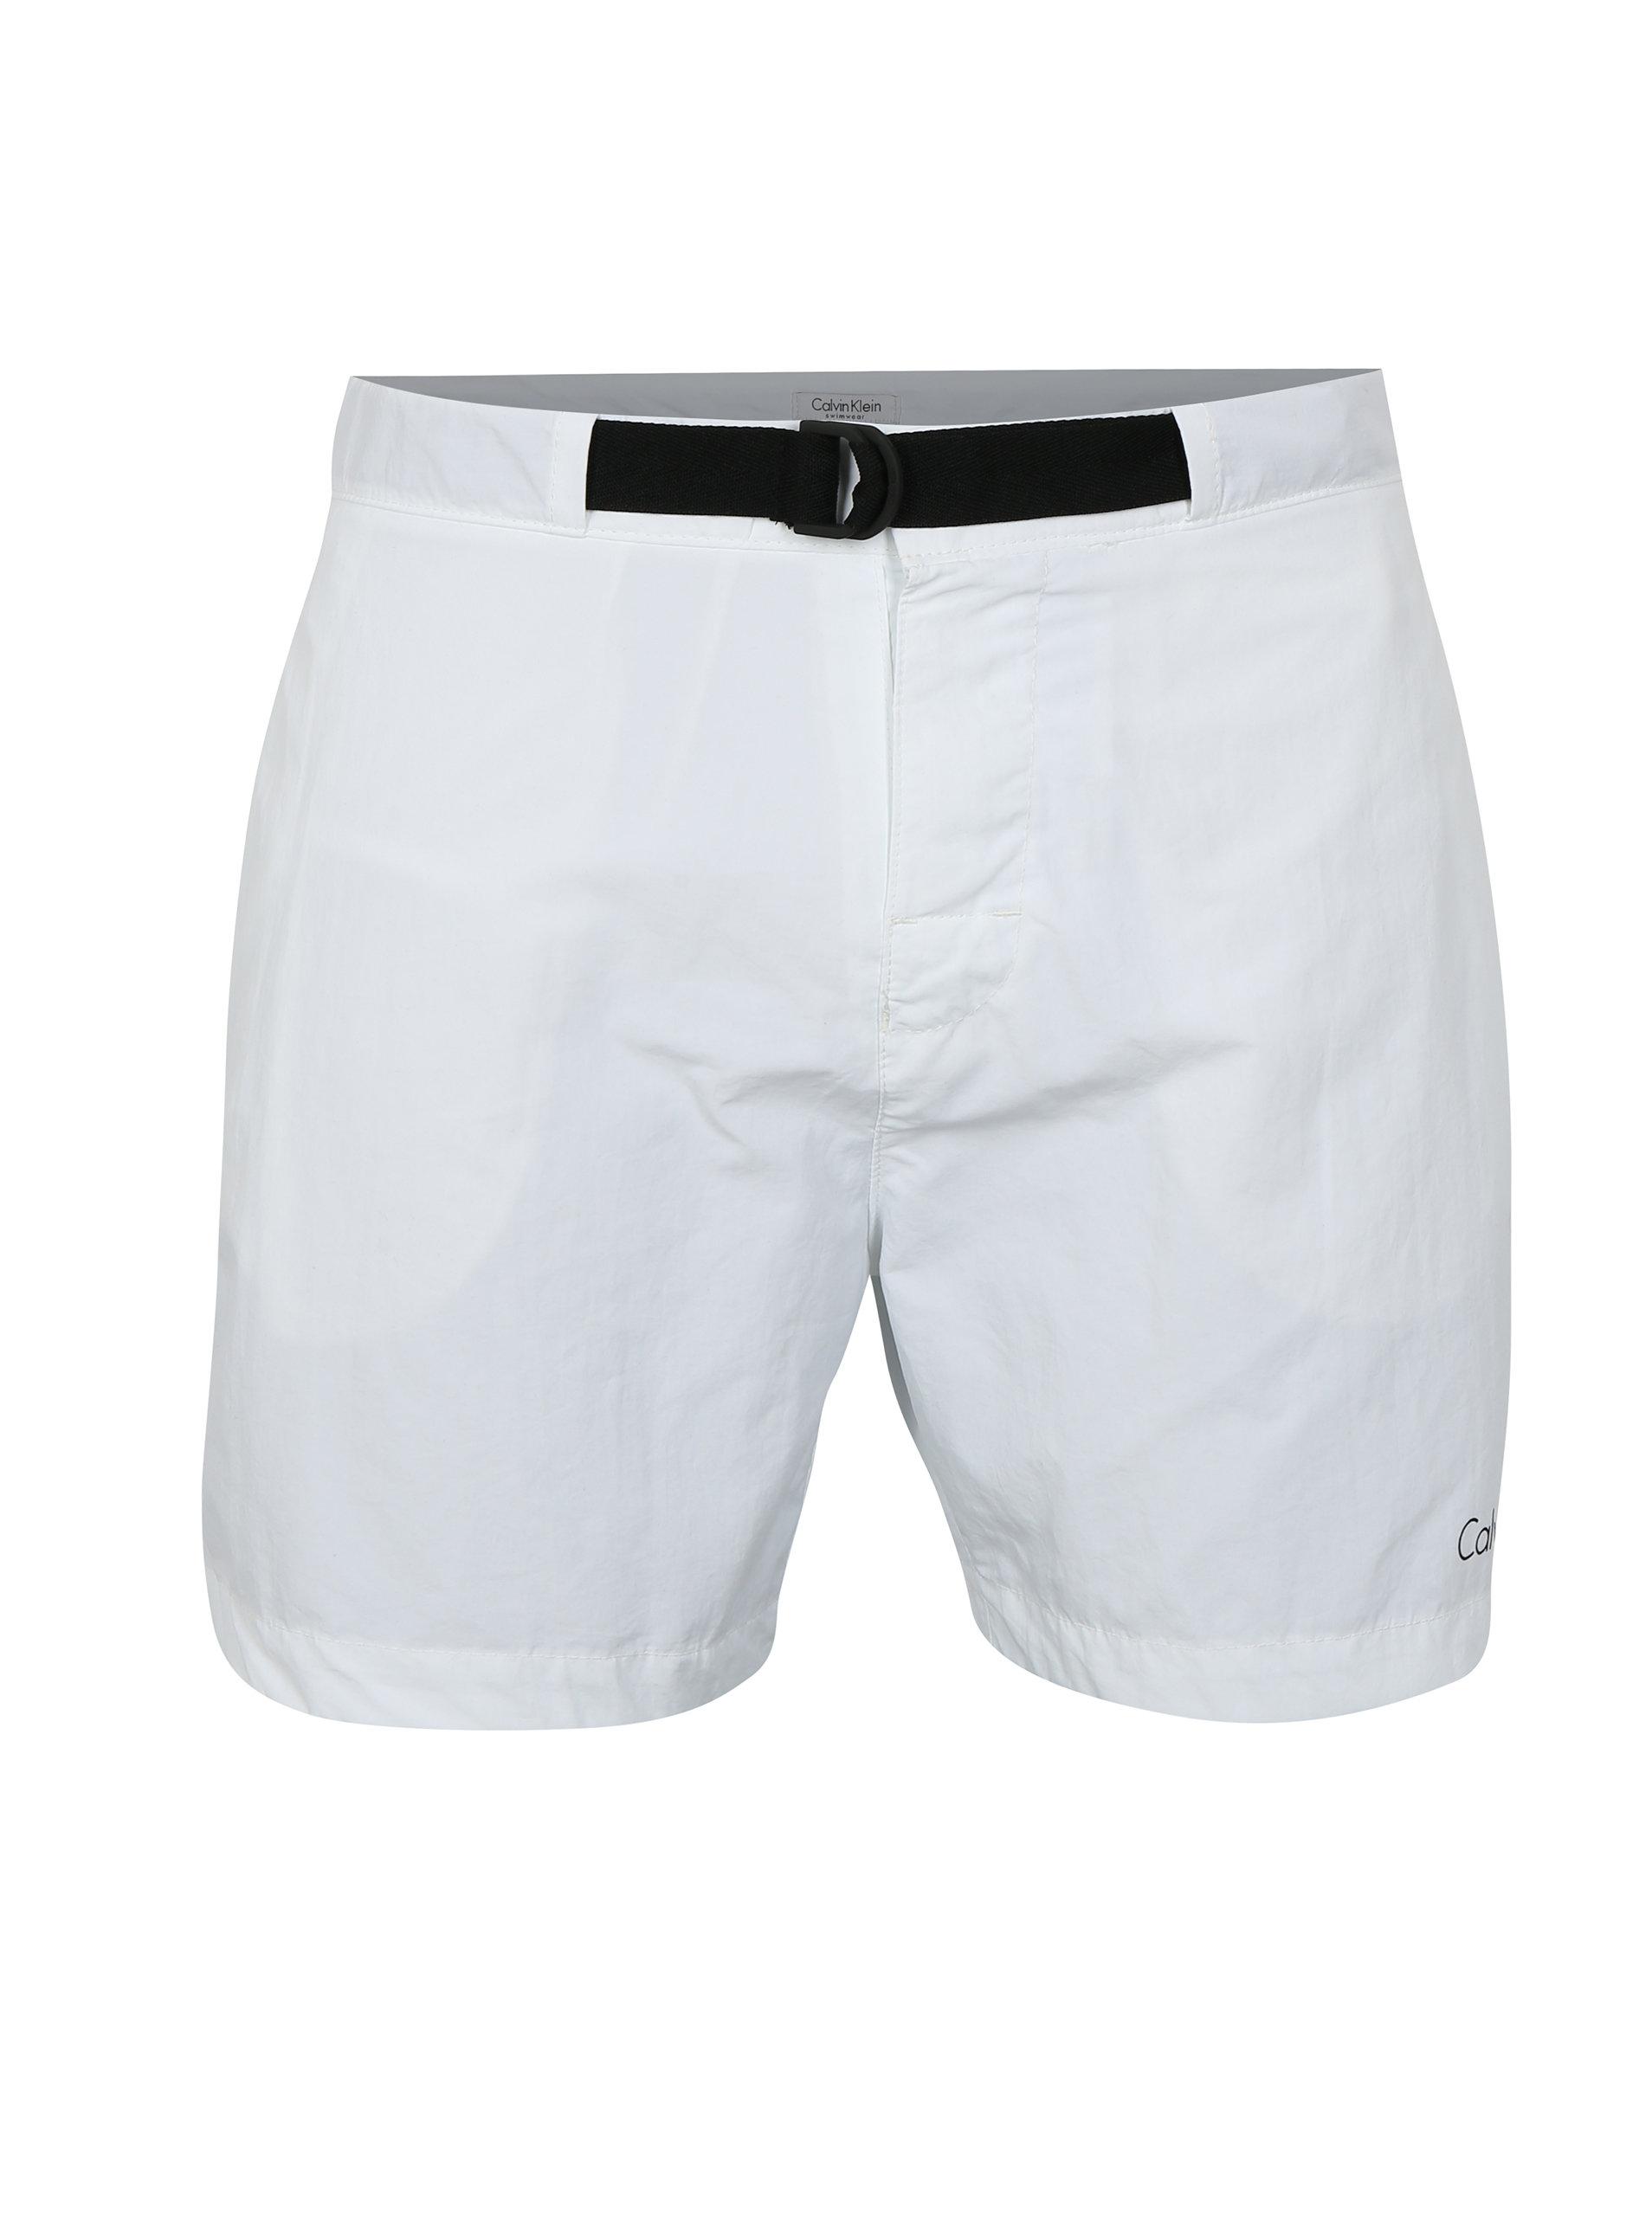 7a812f060ca37 Pantaloni scurti de baie albi pentru barbati - Calvin Klein Underwear ...